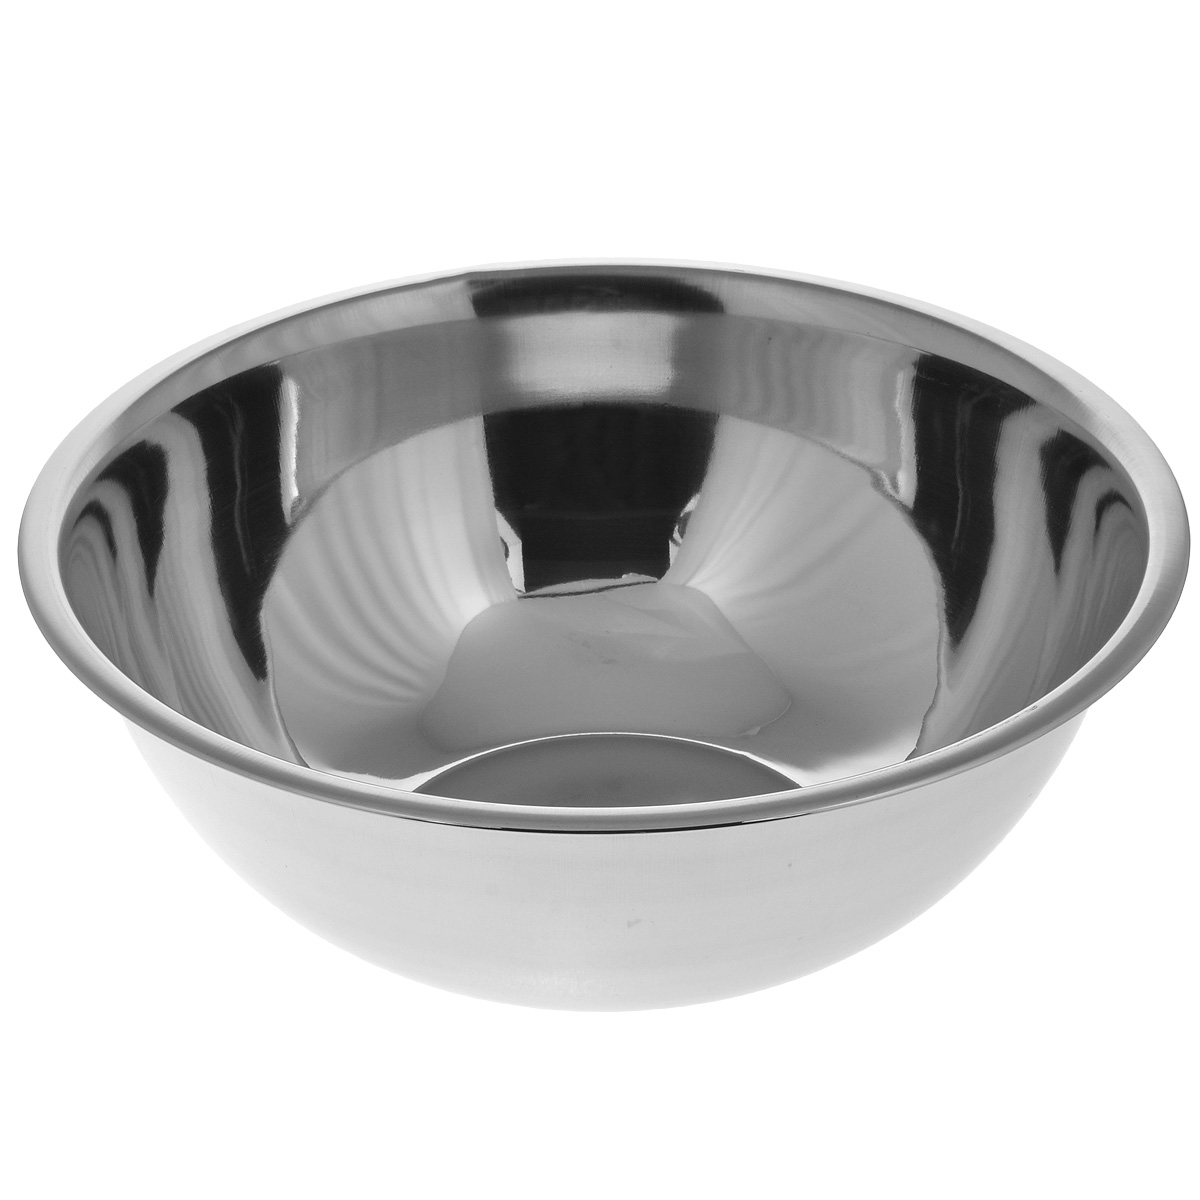 """Миска """"Padia"""" изготовлена из нержавеющей стали. Удобная посуда прекрасно подойдет для походов и пикников. Прочная, компактная миска легко моется.  Отлично подойдет для горячих блюд. Диаметр миски: 36 см. Высота миски: 13,5 см."""